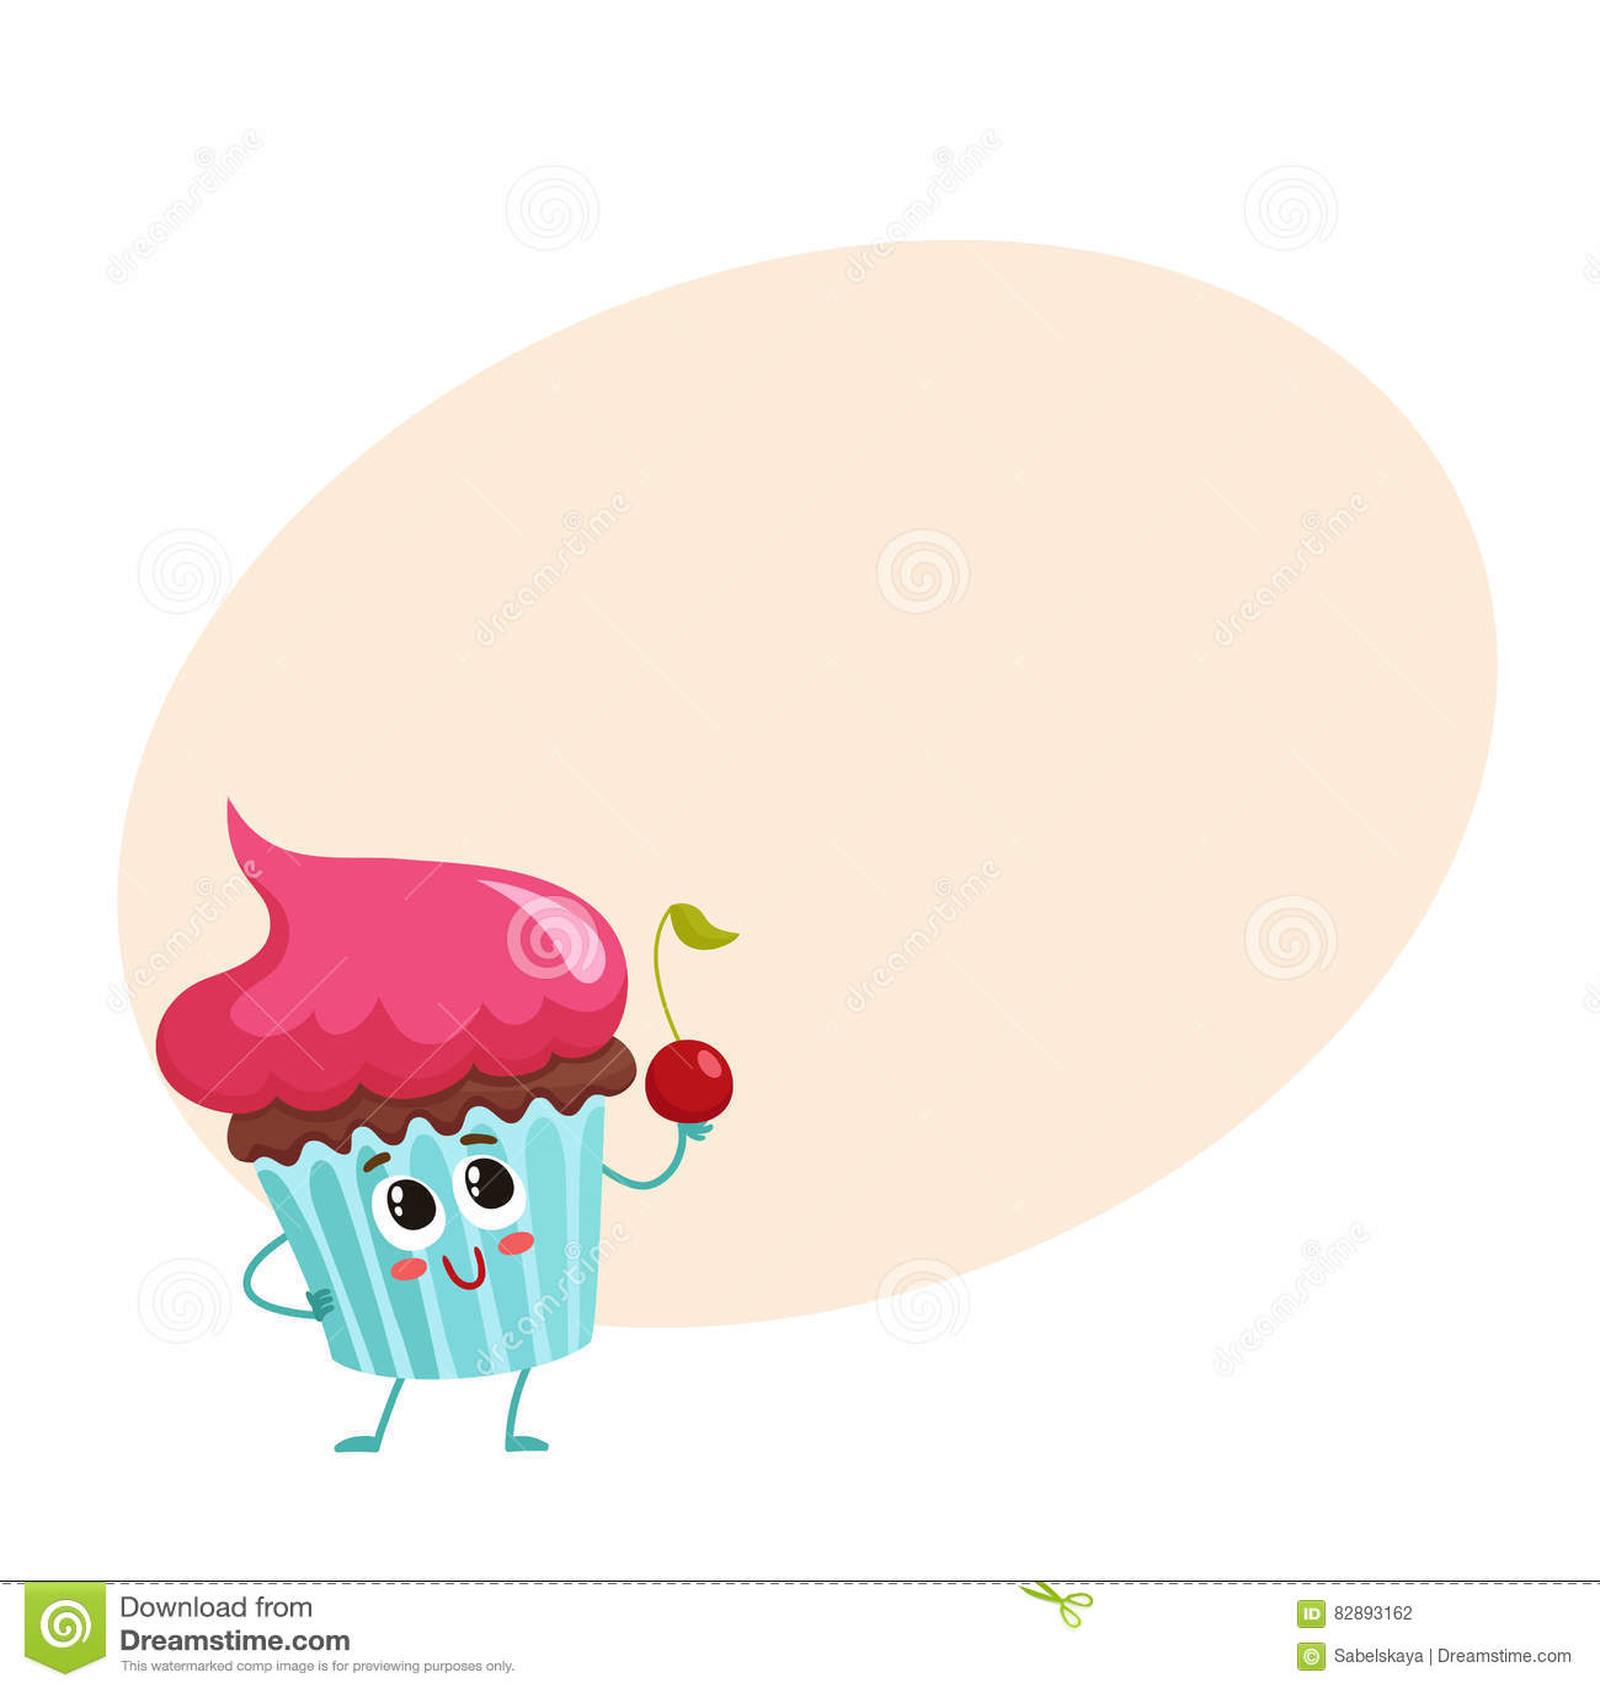 Carattere divertente del bigné con guarnizione crema rosa